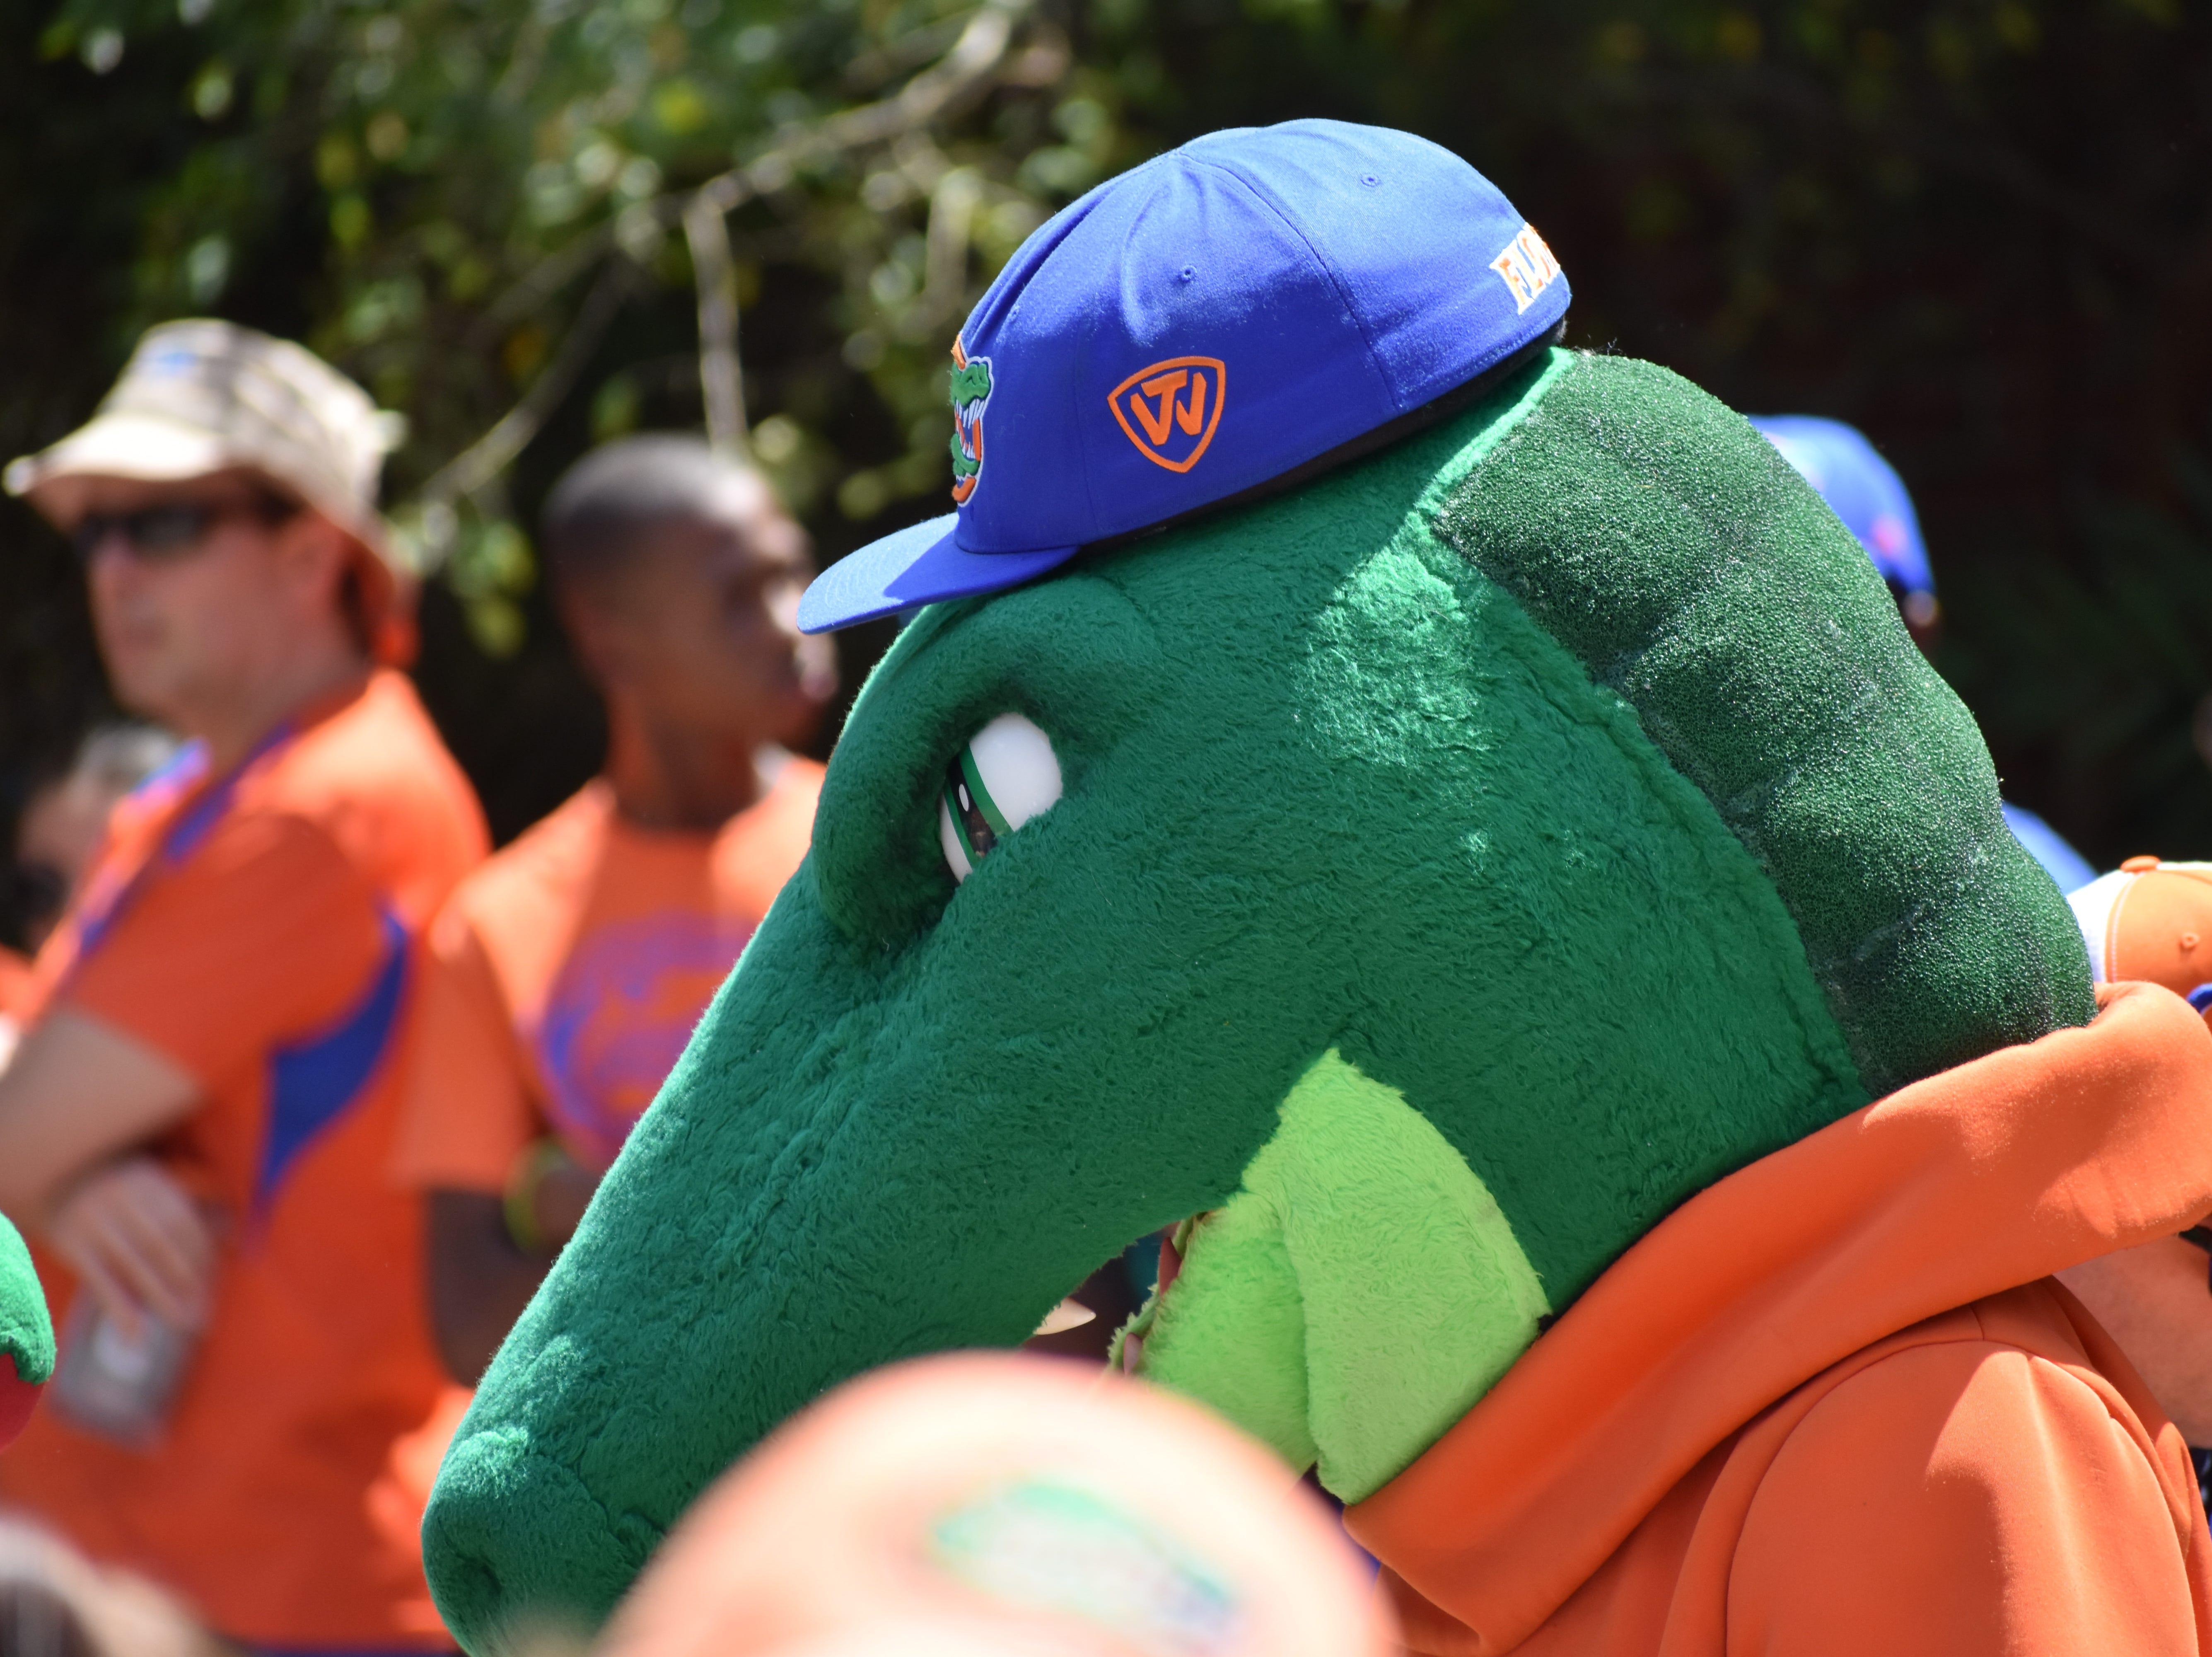 The Florida Gators mascot.